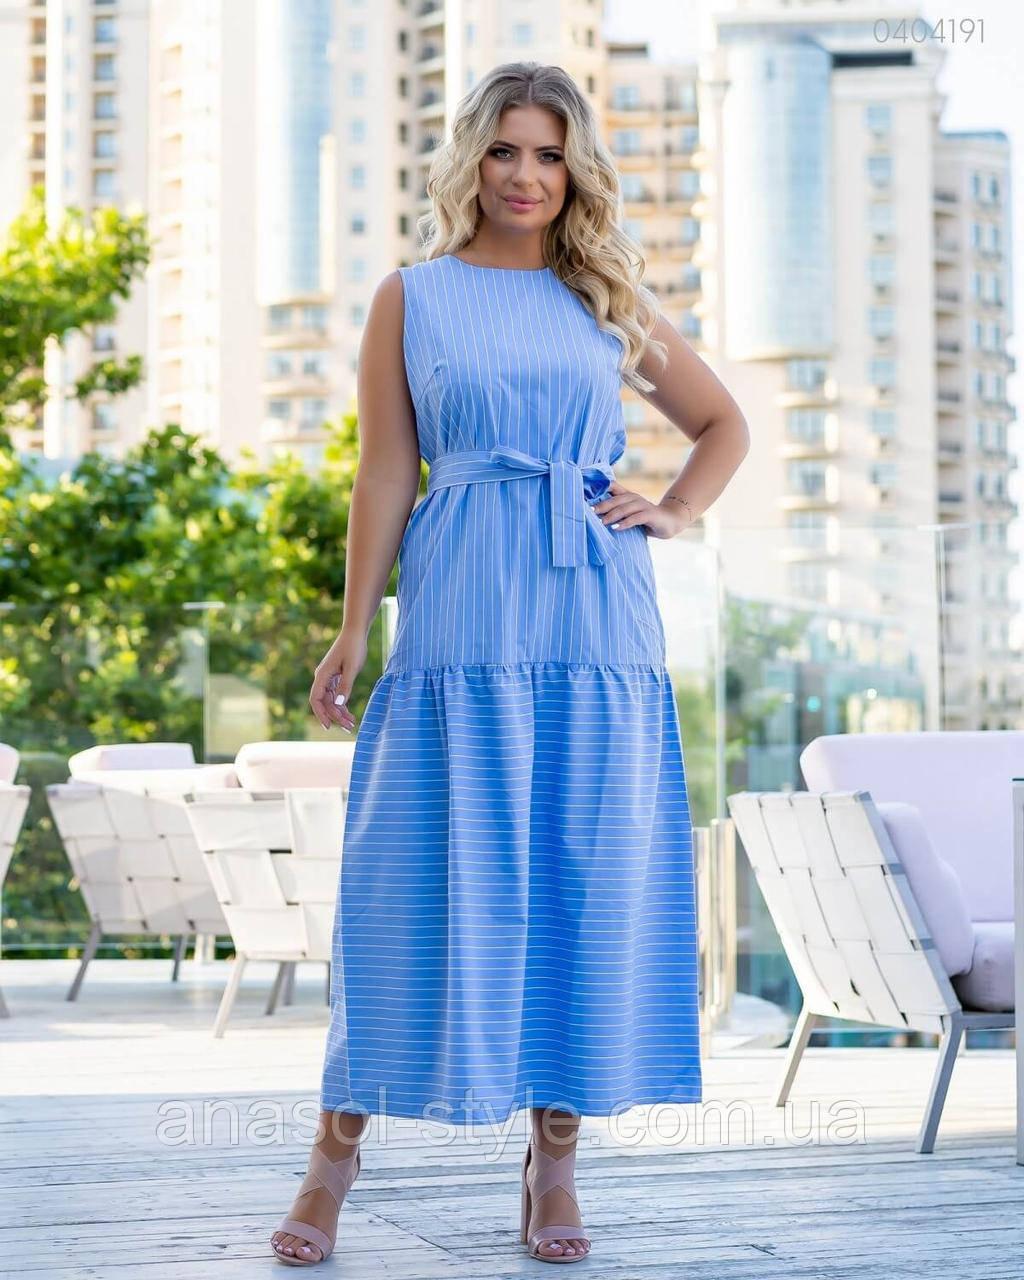 Платье Манила (голубой) 0404191